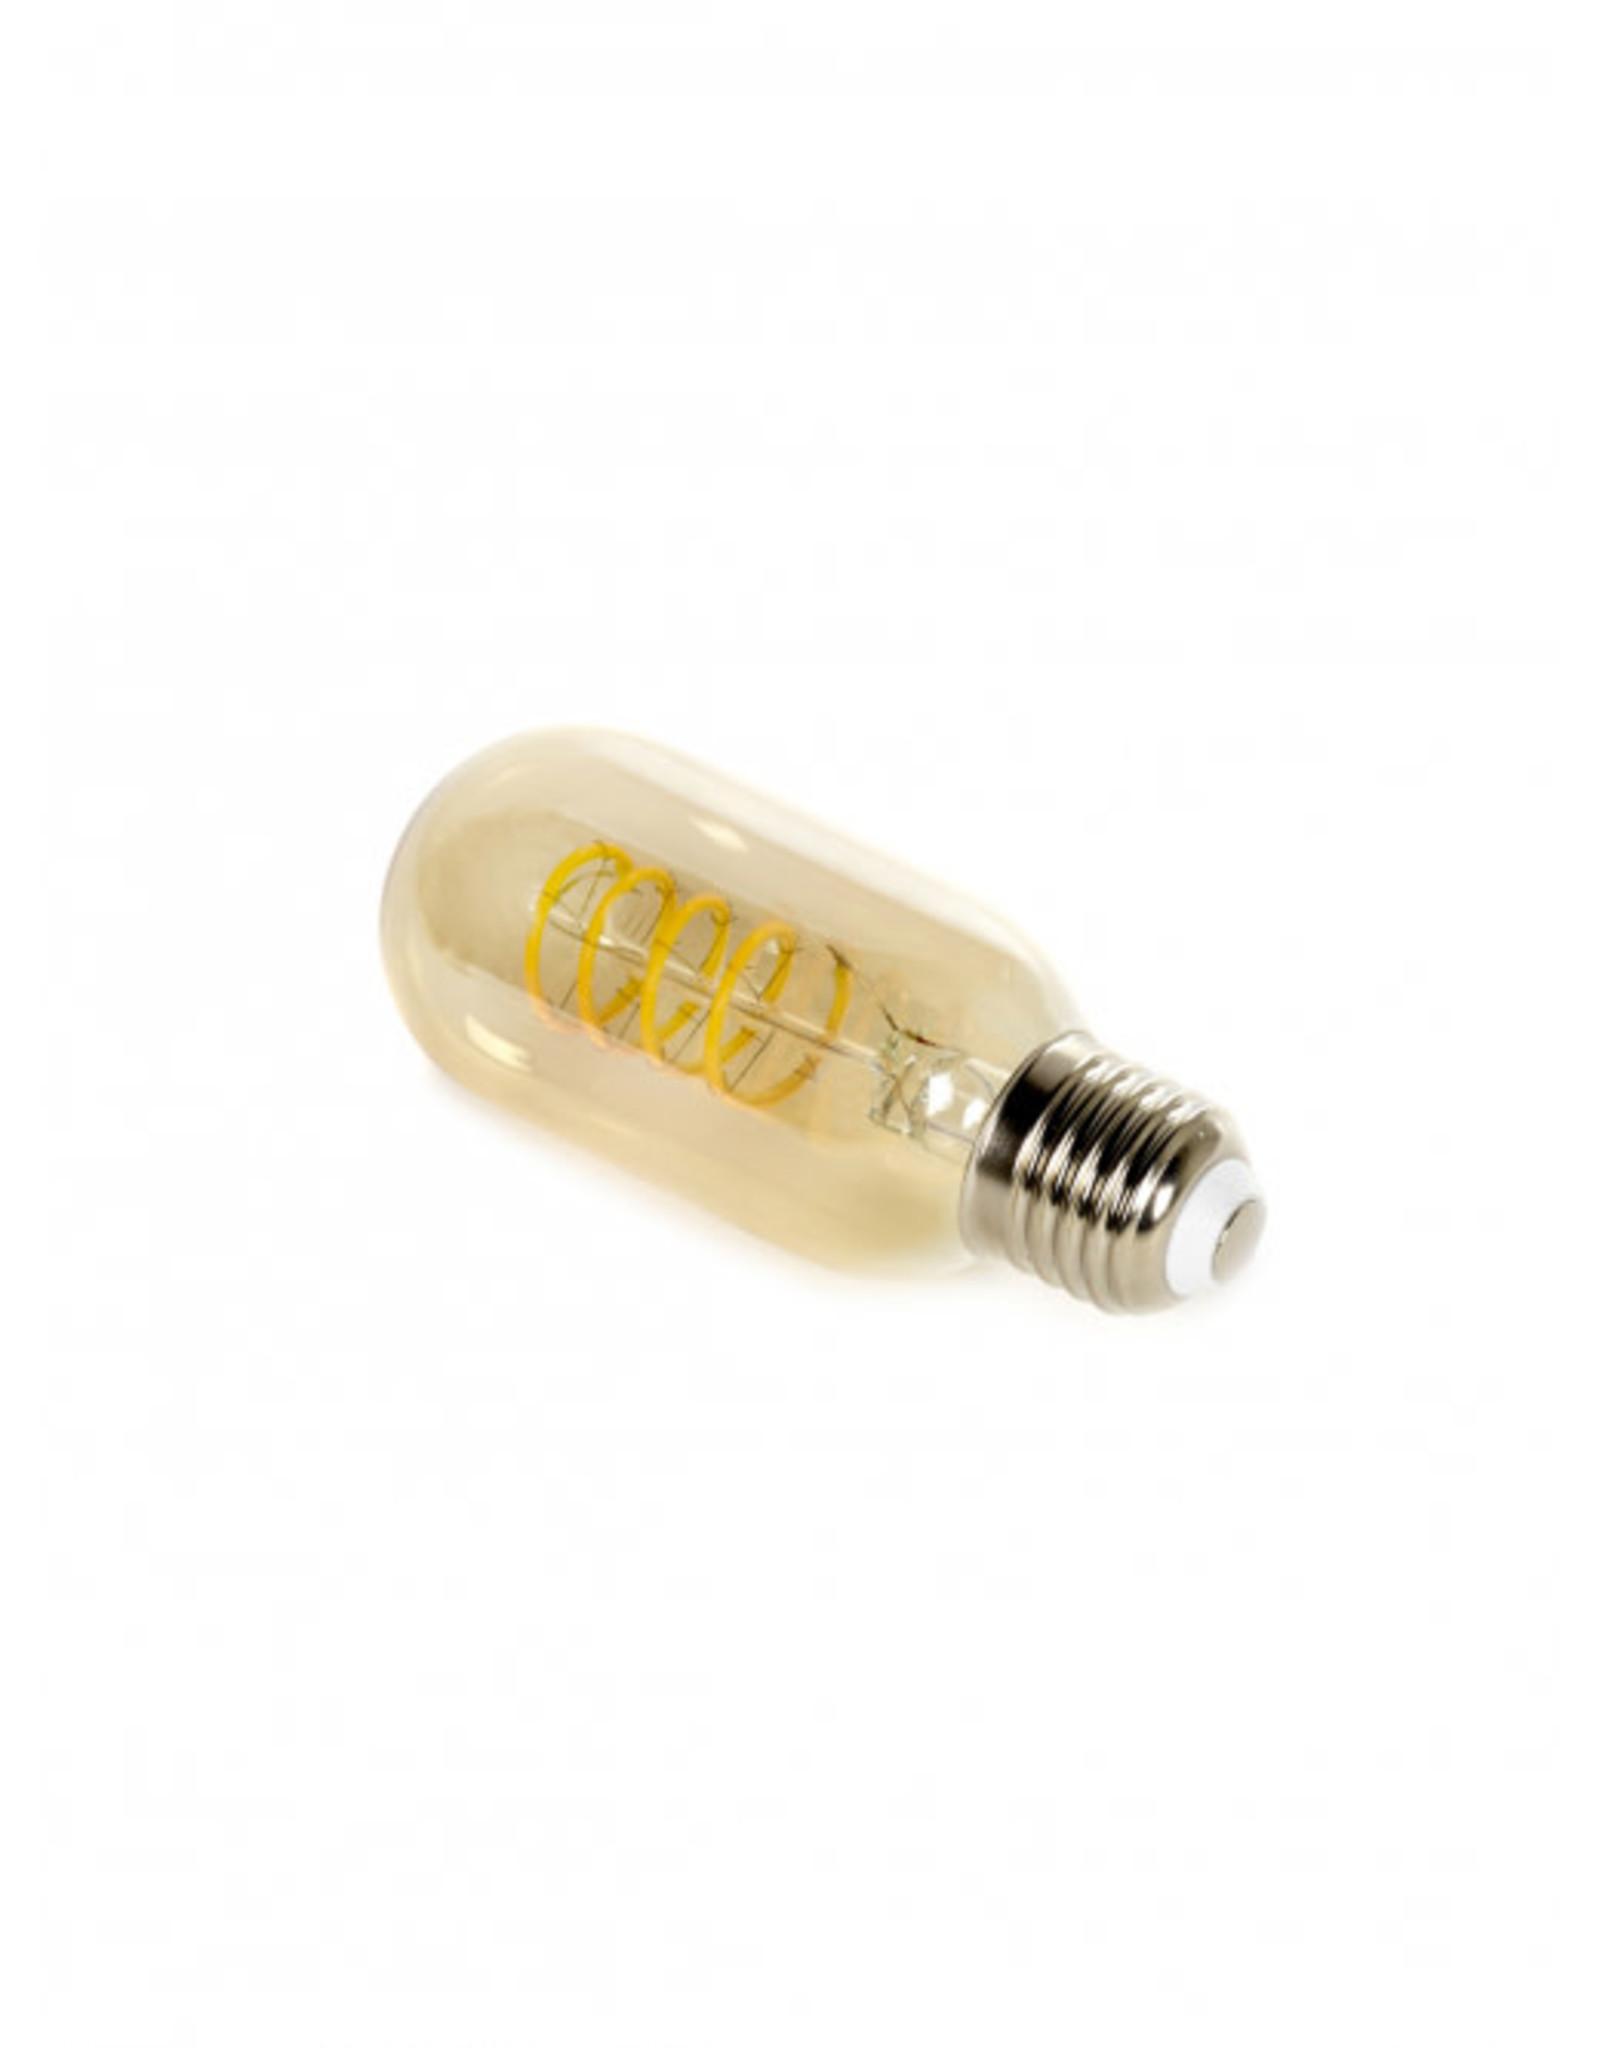 Serax Led lamp E27 dimbaar 4W (350 lumen)